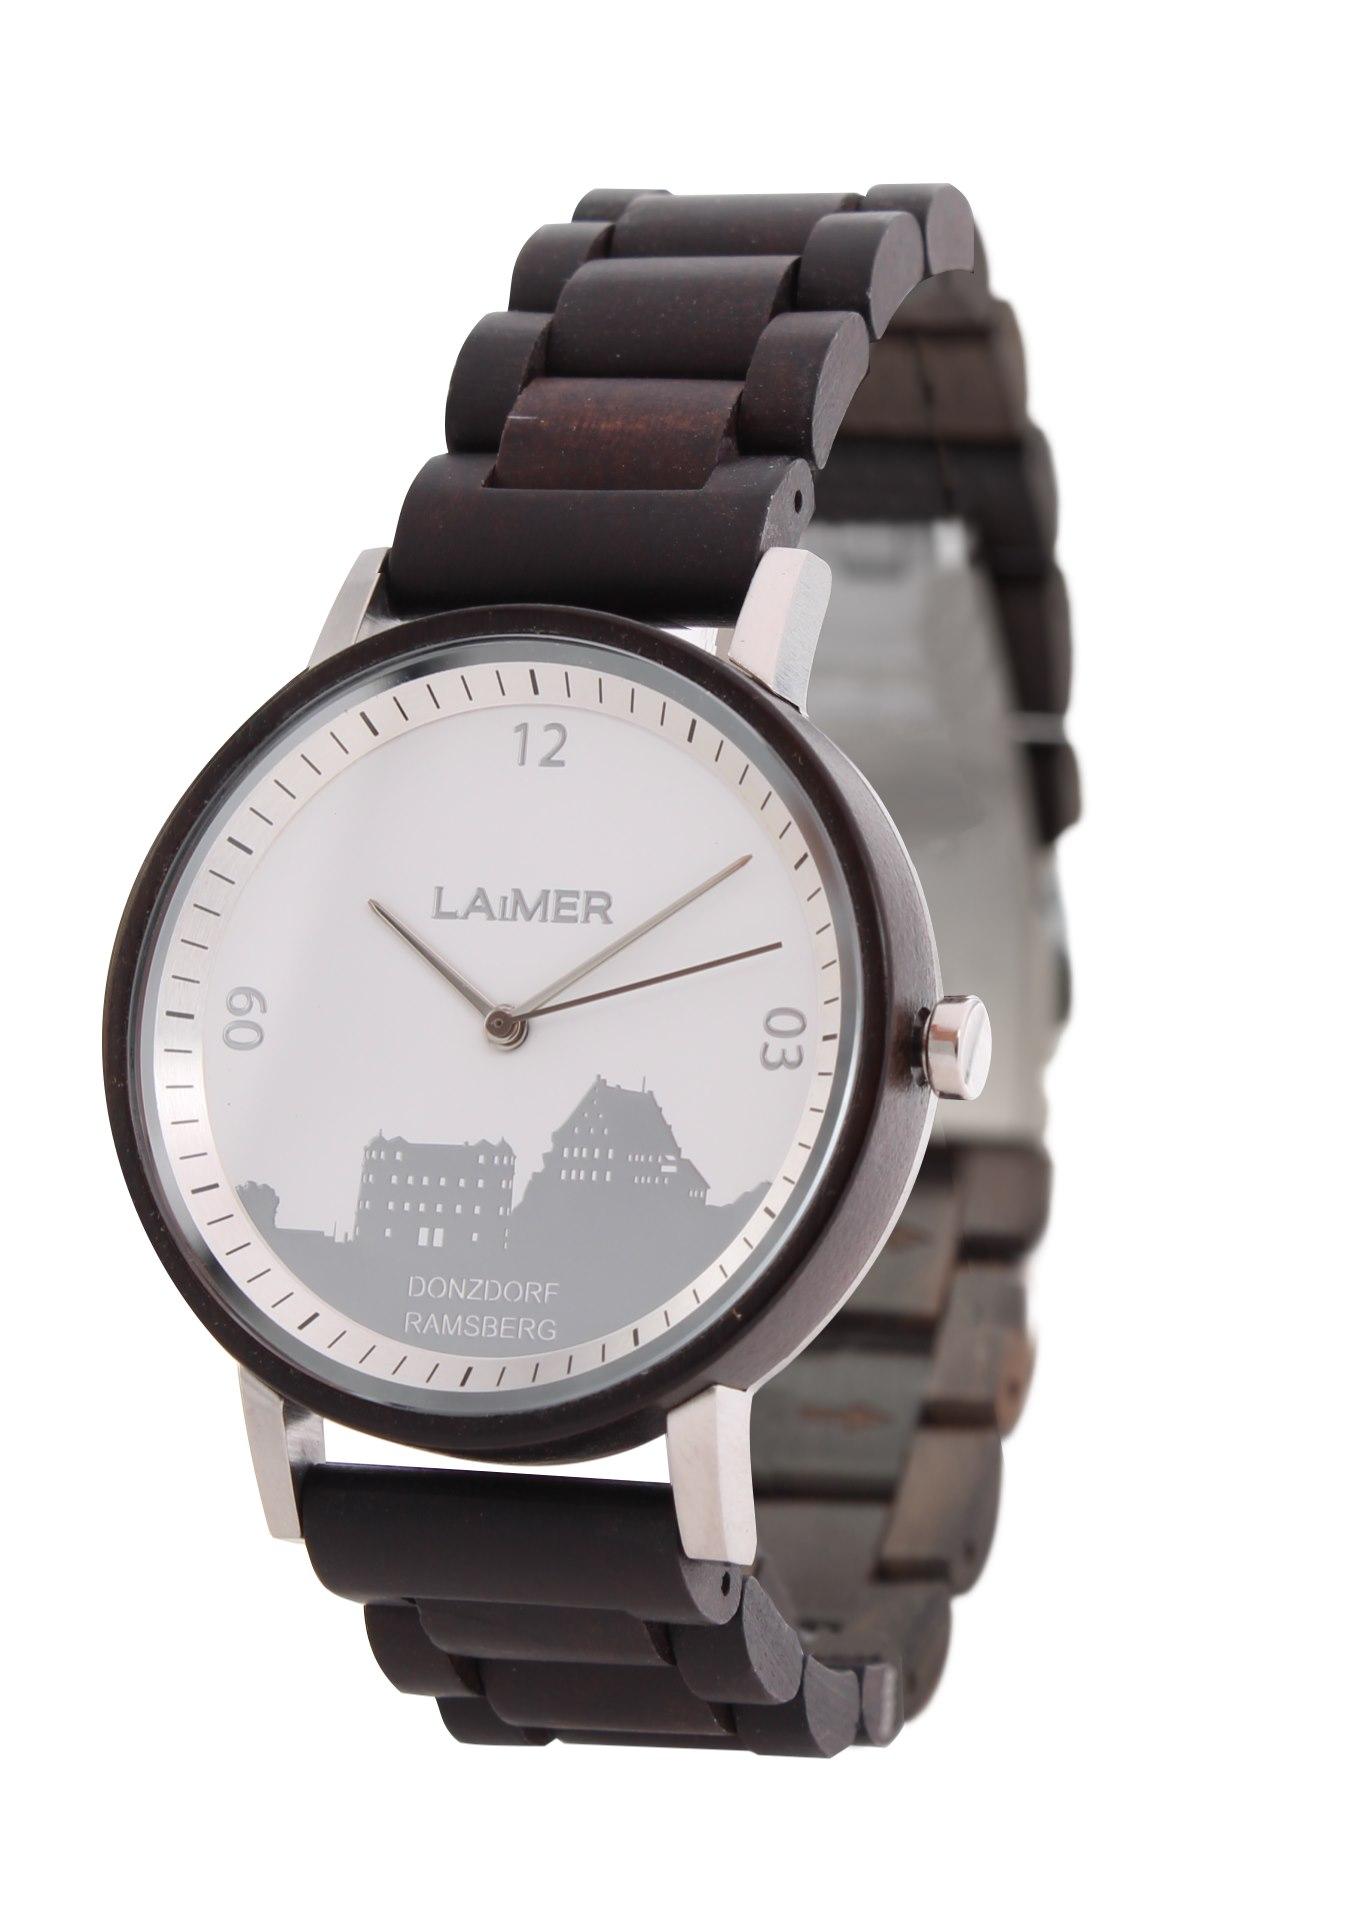 Herren HolzuhrenLaimer Marken Trend Schmuck Uhren Holzdesign OPukXTZi